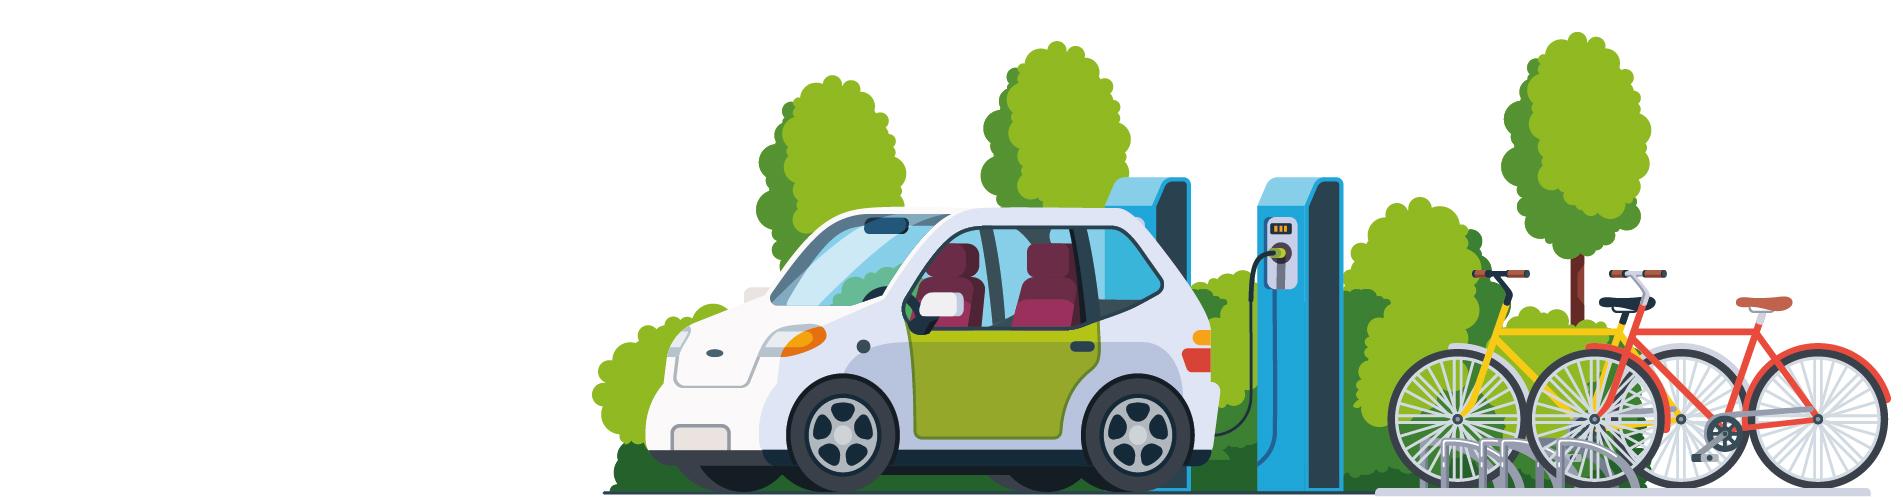 Ladestationen für Elektroautos - Wartung & Instandhaltung